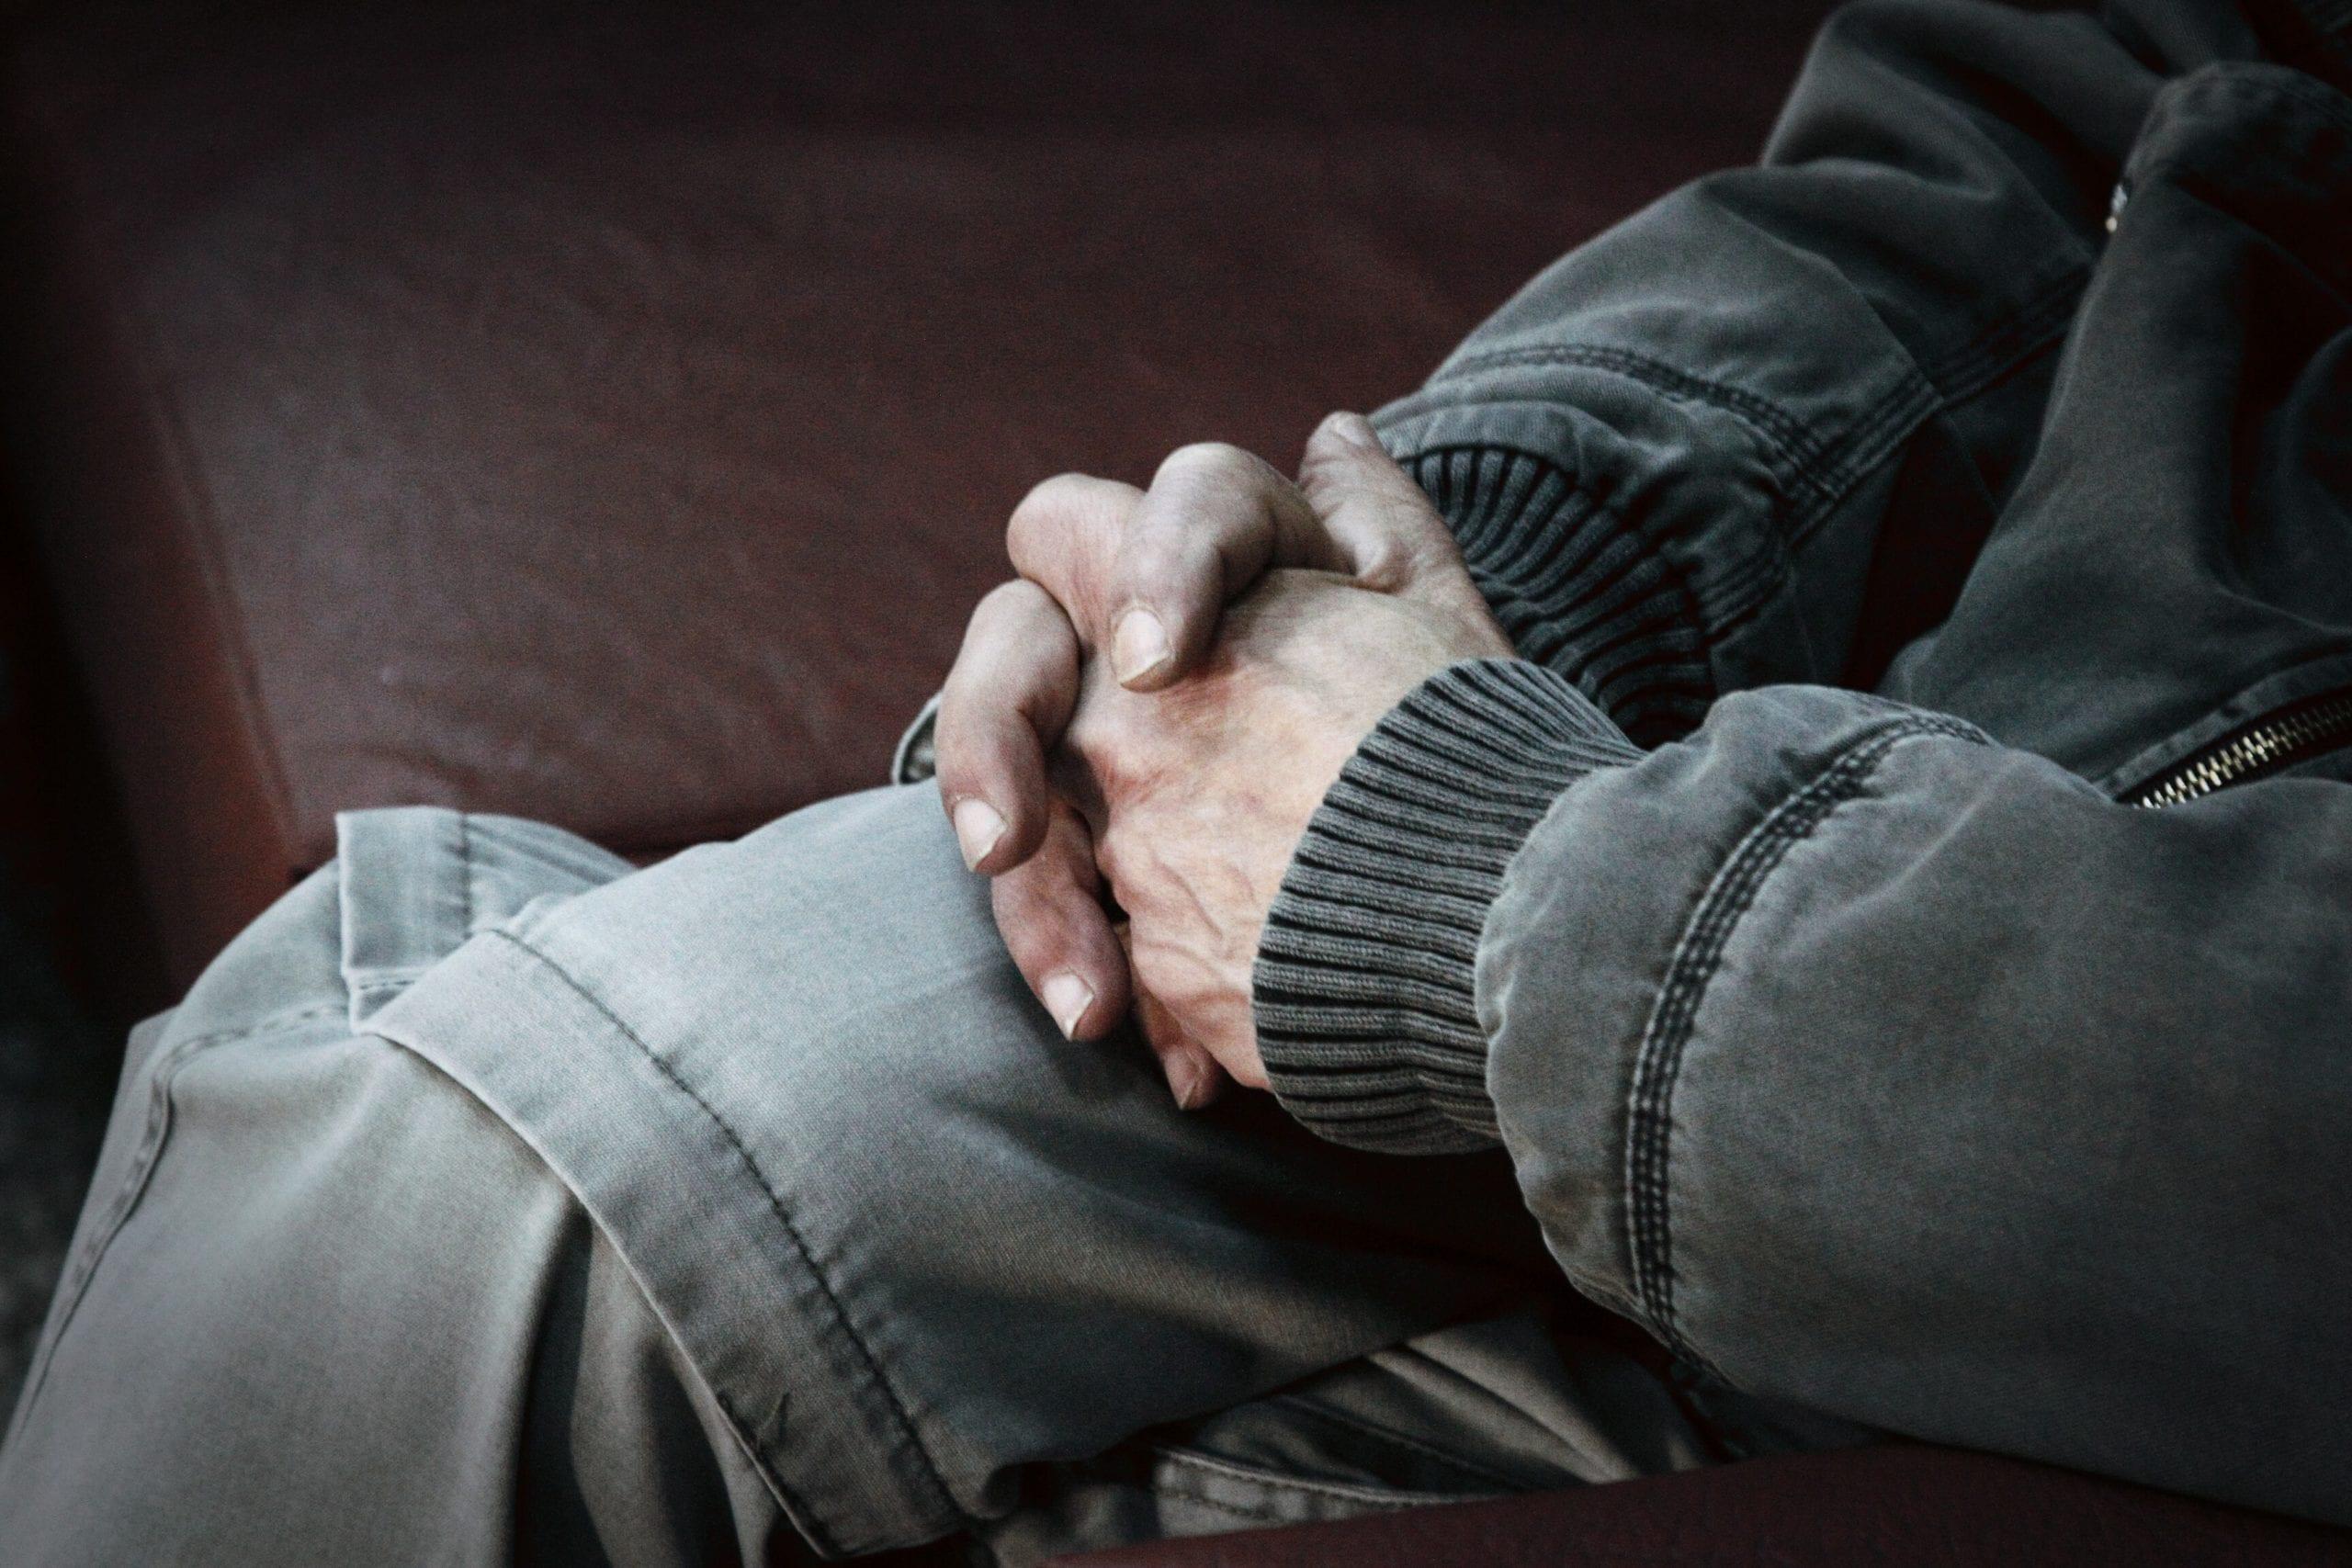 Αναδρομικά συνταξιούχων: Ανατροπή! Συντάξεις ΙΚΑ Μαϊου 2020 Αλλαγή σε ΟΑΕΕ ΟΓΑ Δώρο Πάσχα Συντάξεις Ιανουαρίου 2020 ΙΚΑ, ΟΑΕΕ Πληρωμή Επιδόματα ΟΠΕΚΑ Αναδρομικά συντάξεων: Τελικά ποσά - Έως €11000 οι απόστρατοι